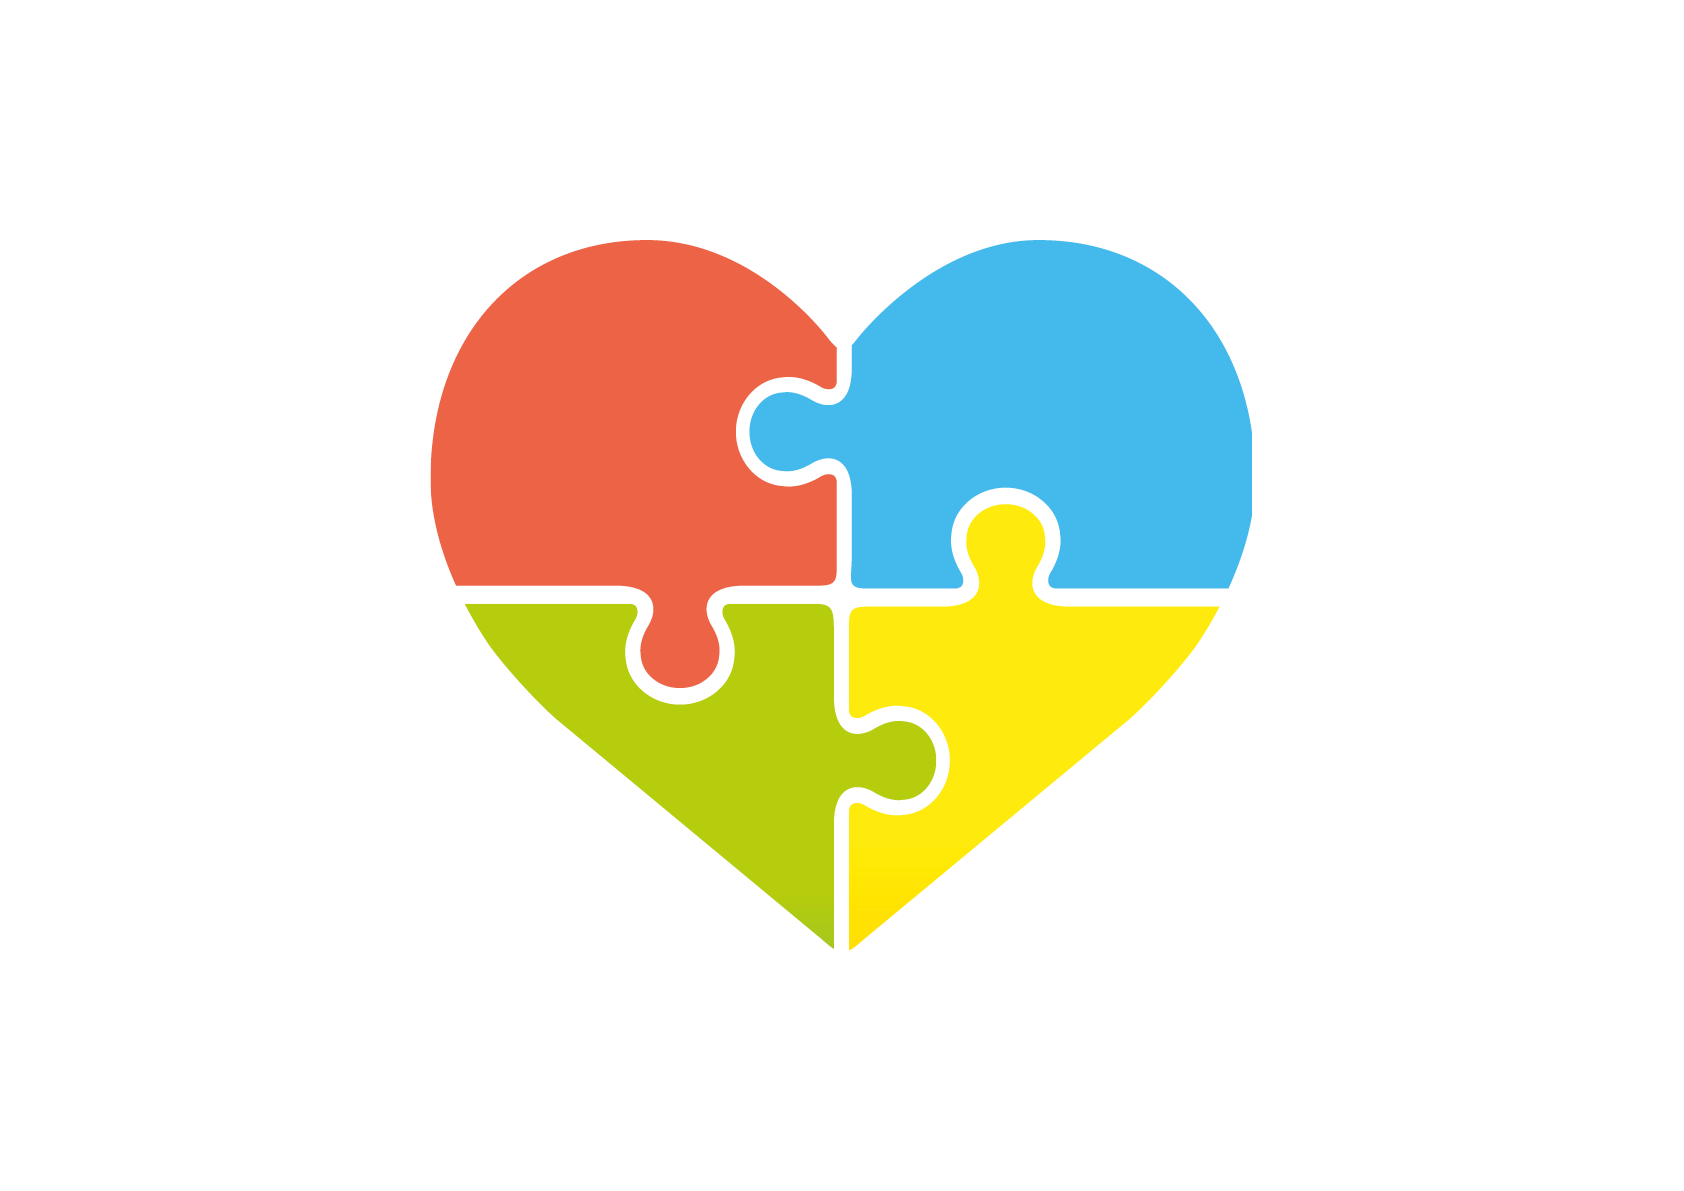 Simone Lang: Wir brauchen mehr Akzeptanz für Menschen mit Autismus